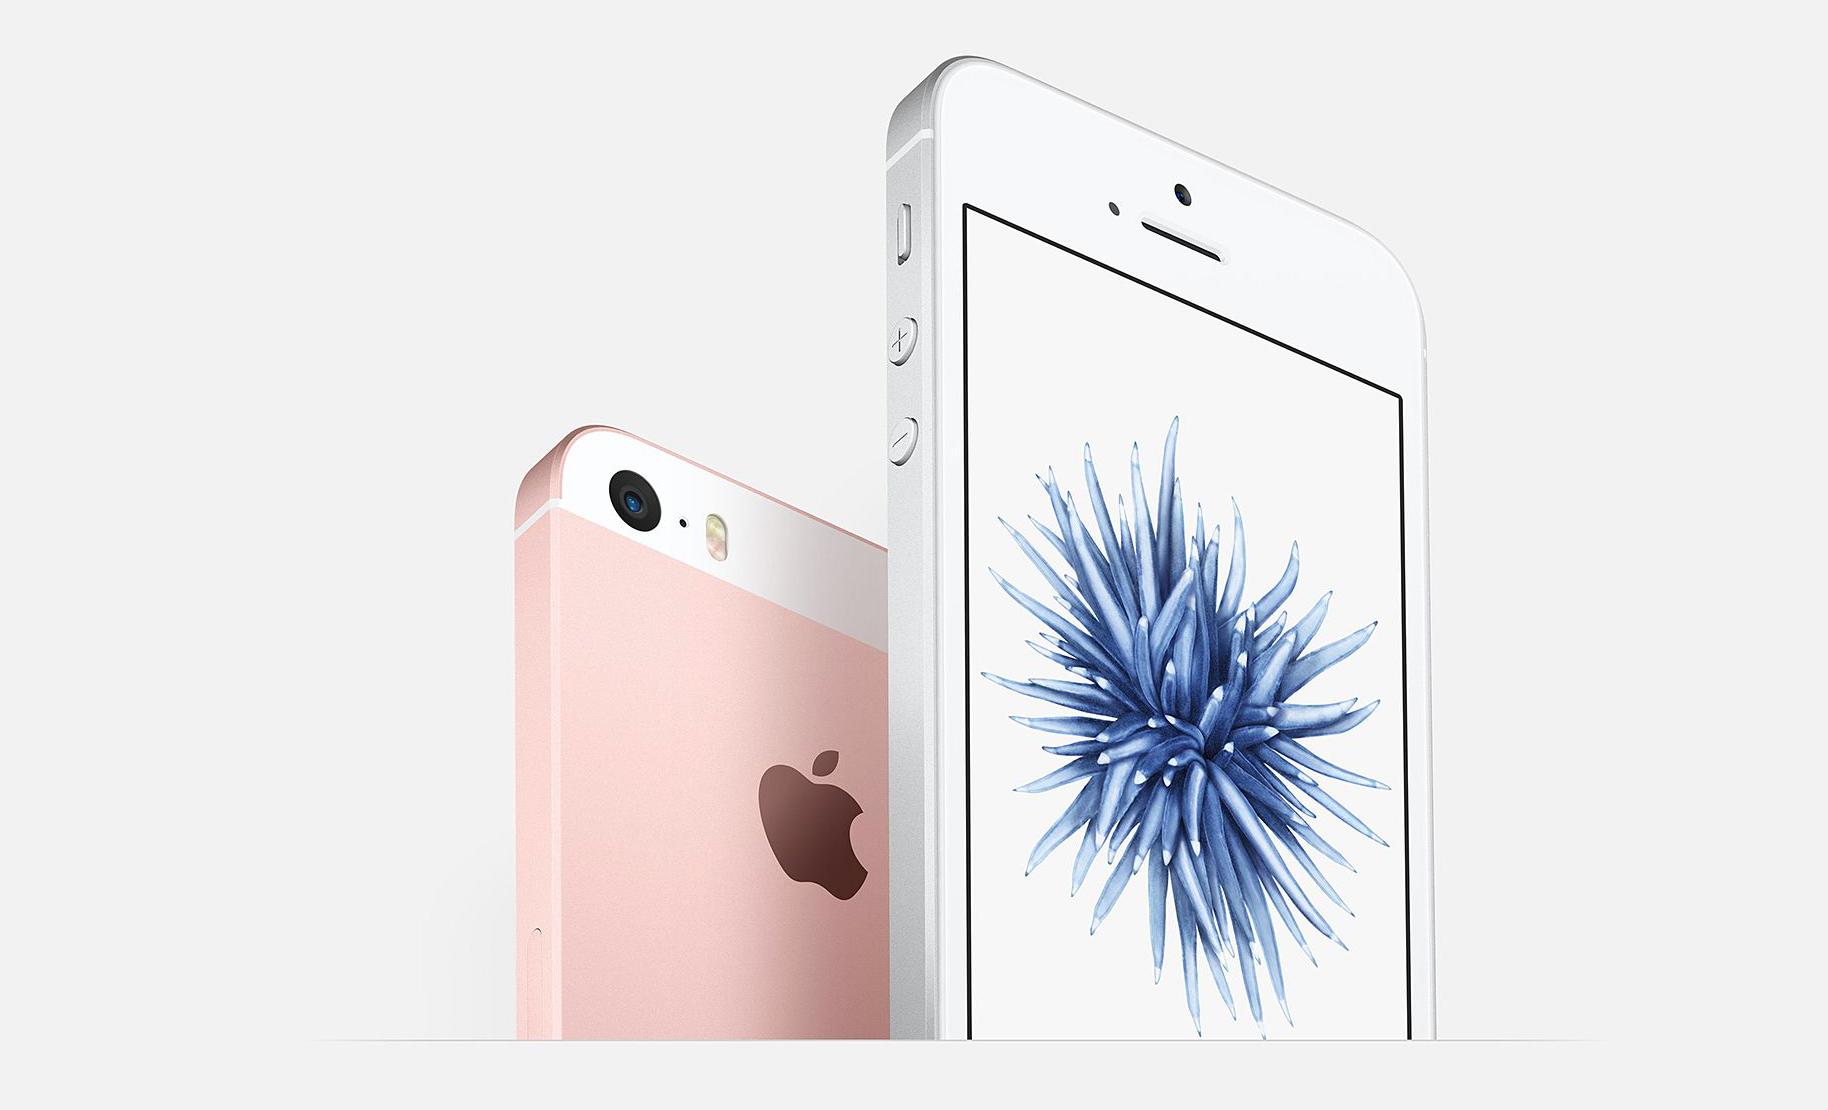 iPhone SE 용량 변경 32GB, 128GB 모델 출시